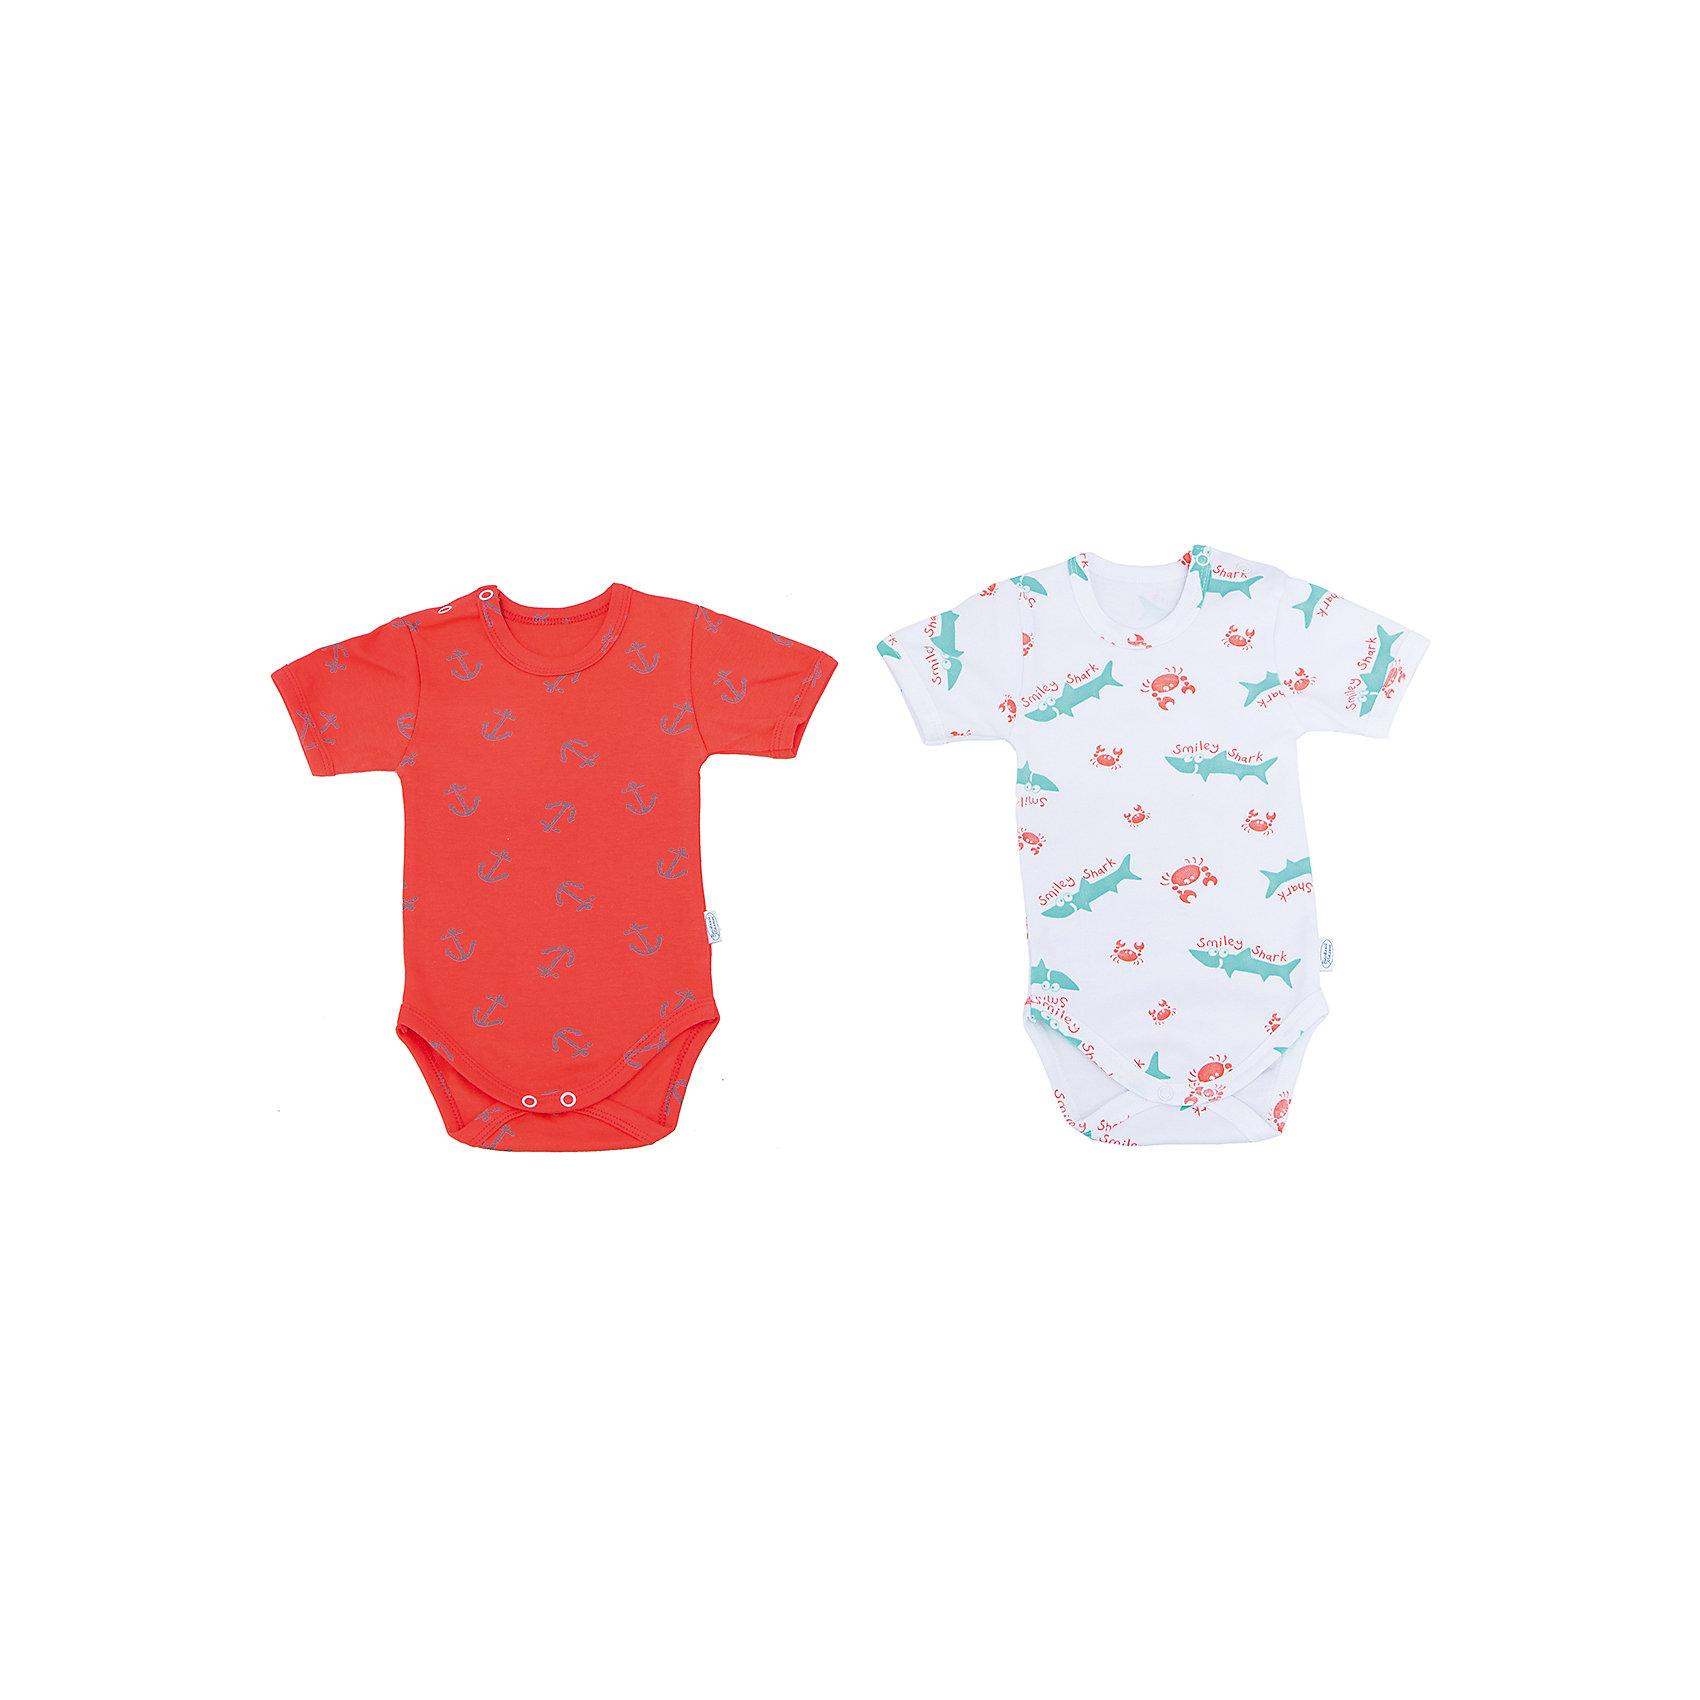 Боди, 2 шт. Веселый малышБоди<br>Одежда для малышей должна быть удобной и качественной - это один из необходимых факторов для правильного развития и хорошего самочувствия ребенка.<br>Эти боди отличаются высоким качеством швов, окантовкой краёв изделия, что позволяет им хорошо фиксироваться на теле малыша, не сползать и не натирать. Застежки - удобные кнопки, которые не мешают ребенку. Материал - интерлок. Это плотная ткань из натурального хлопка, гладкая, приятная на ощупь, дышащая и гипоаллергенная. Расцветка изделий позволяет легко комбинировать их с различной одеждой. В наборе - два боди разных цветов.<br><br>Дополнительная информация:<br><br>материал: 100% хлопок интерлок;<br>застежки: кнопки;<br>короткий рукав;<br>комплектация: 2 боди.<br><br>Комплект боди от бренда Веселый малыш можно купить в нашем магазине.<br><br>Ширина мм: 157<br>Глубина мм: 13<br>Высота мм: 119<br>Вес г: 200<br>Цвет: оранжевый<br>Возраст от месяцев: 2<br>Возраст до месяцев: 5<br>Пол: Унисекс<br>Возраст: Детский<br>Размер: 62,68,74,80<br>SKU: 4810200